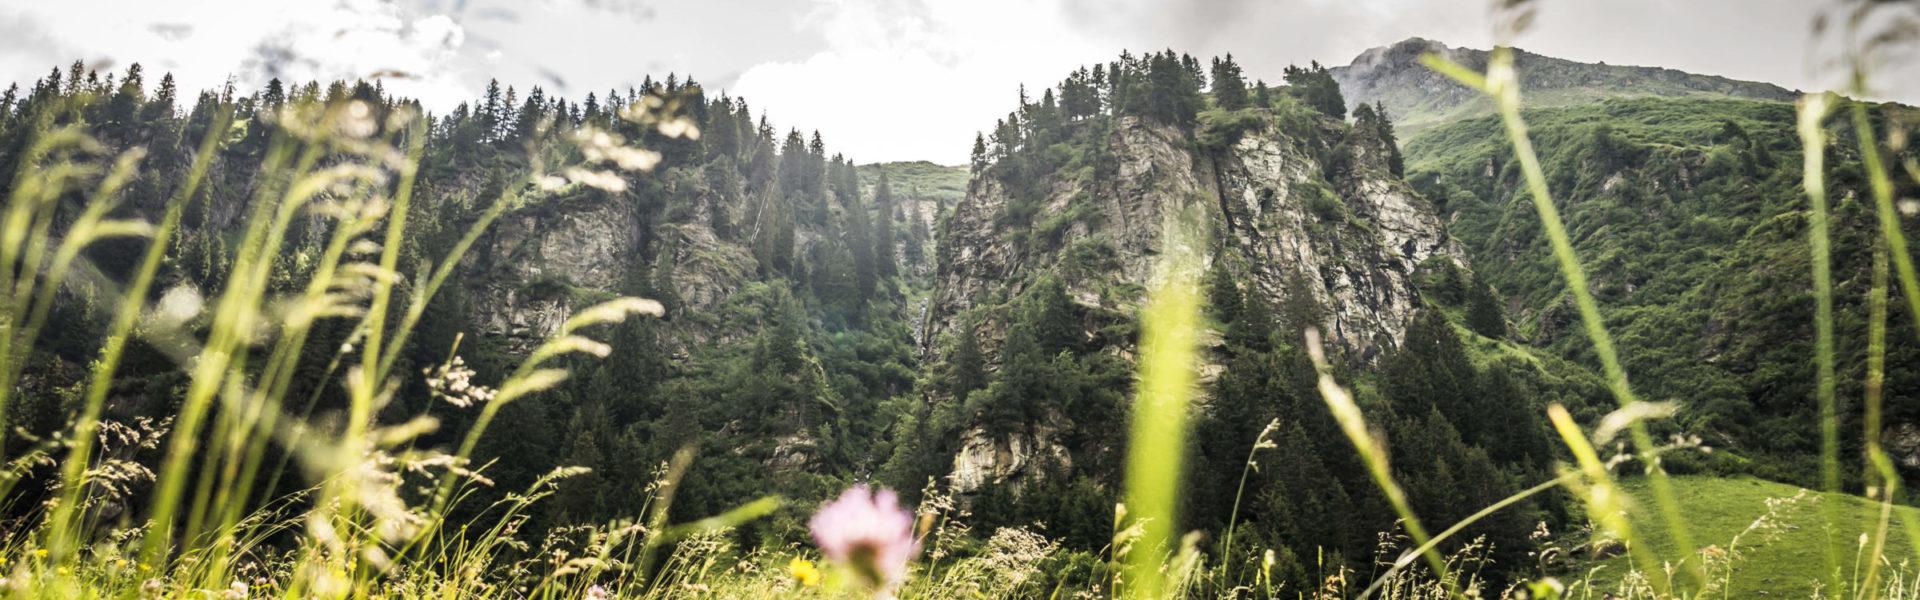 Auf dem Weg von der Mittelstation der Versettlabahn zur Alpe Garnera, Montafon © Dietmar Denger